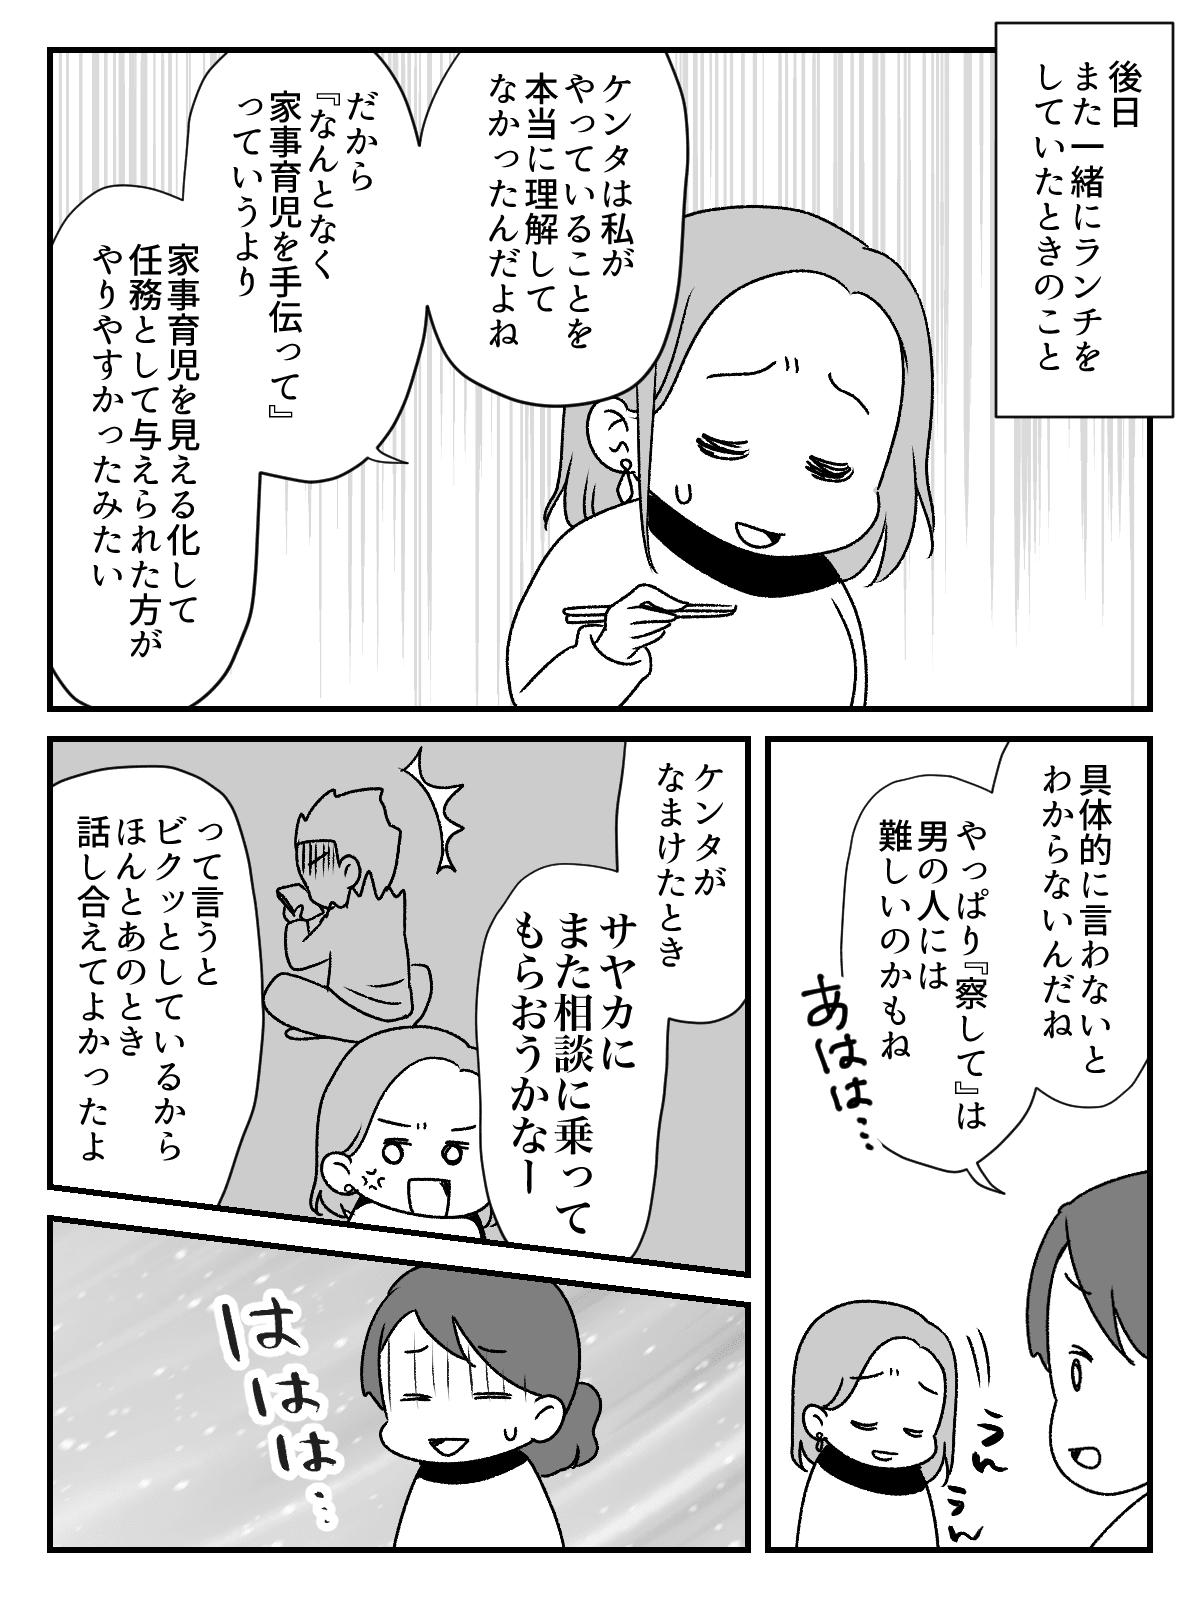 家事育児をやらない_出力_006